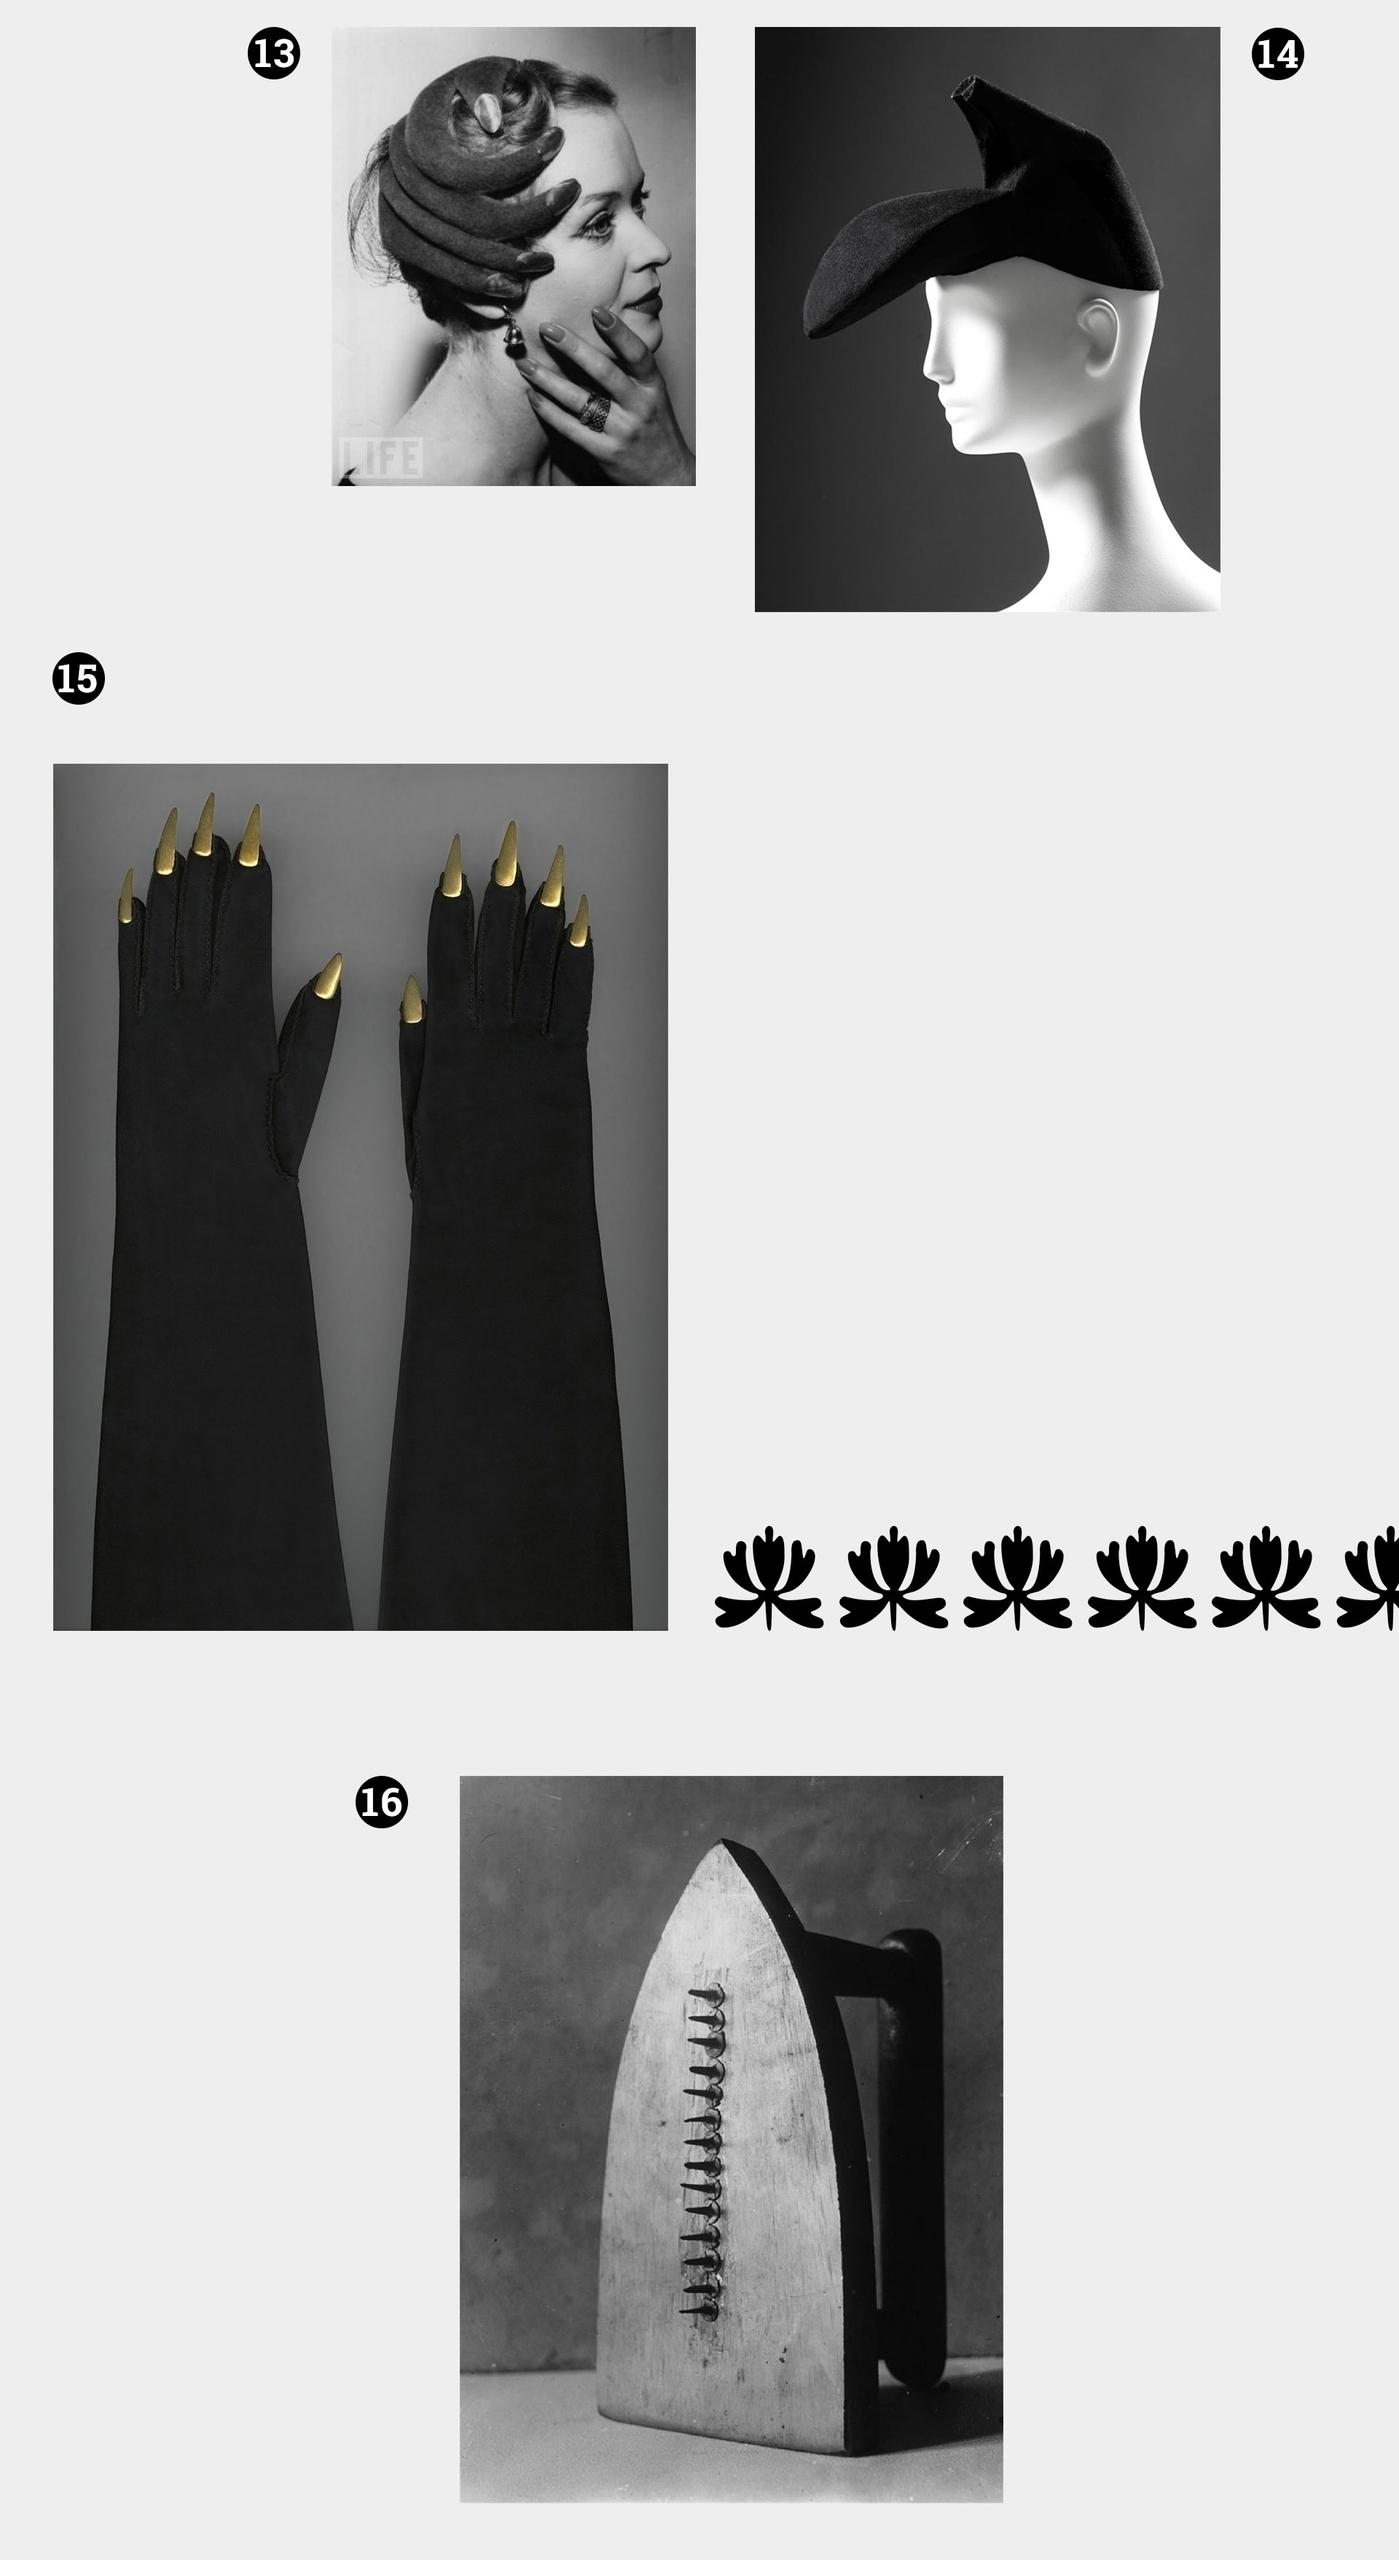 Obraz przedstawia cztery fotografie różnych przedmiotów oraz graficzny ornament roślinny. Wszystko na jasnoszarym tle.